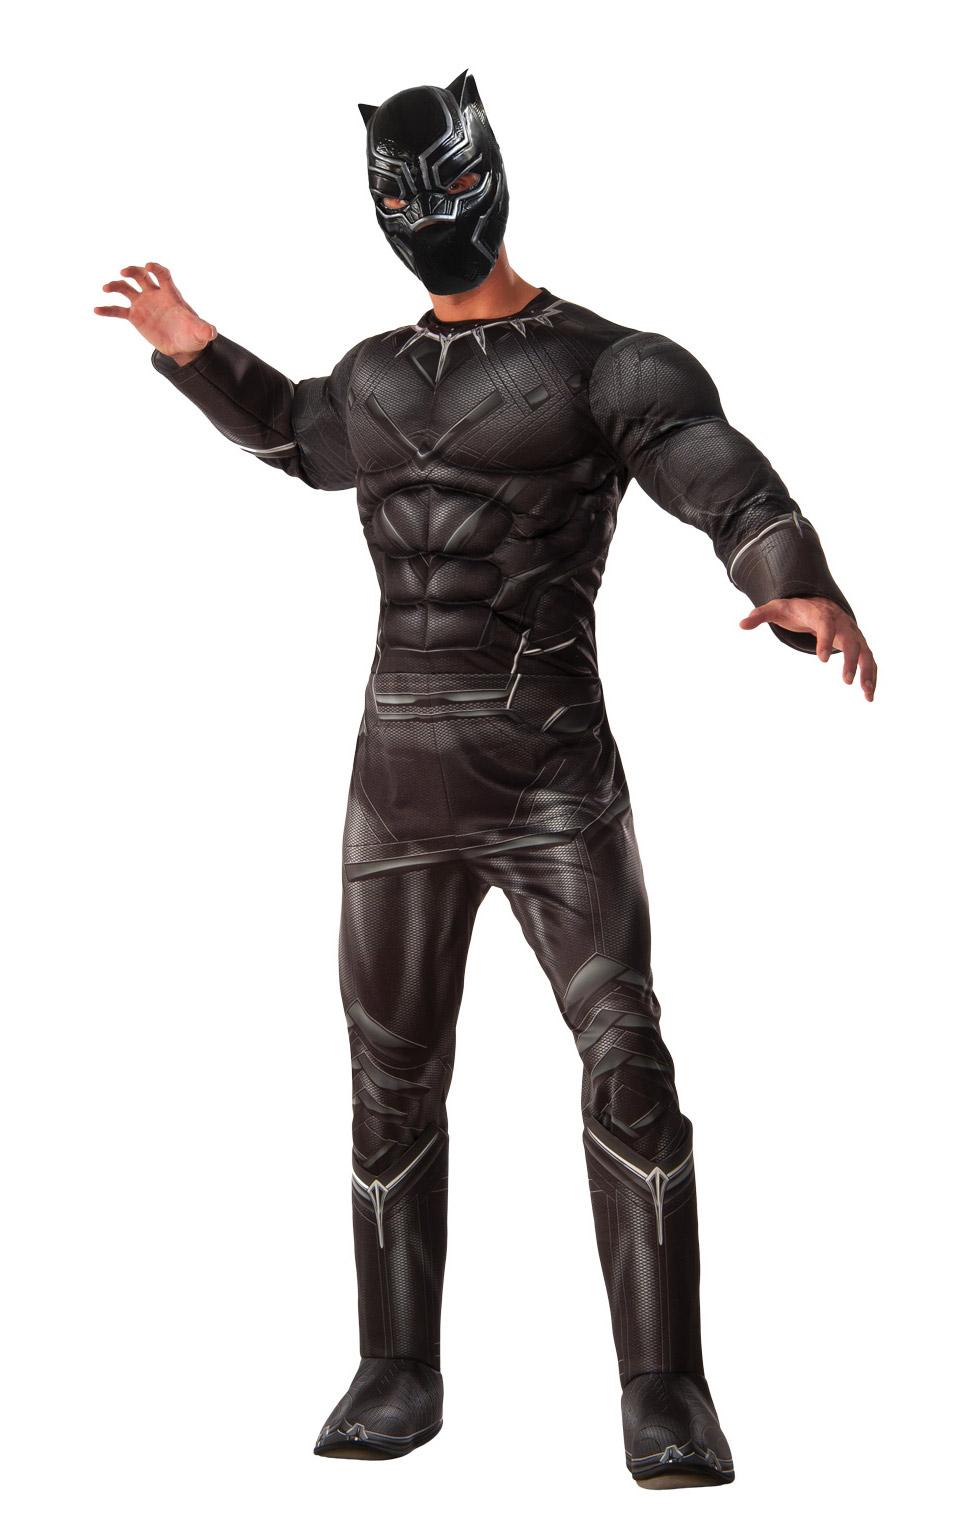 Deluxe Adult Black Panther Costume   Letter u0026quot;Bu0026quot; Costumes   Mega Fancy Dress